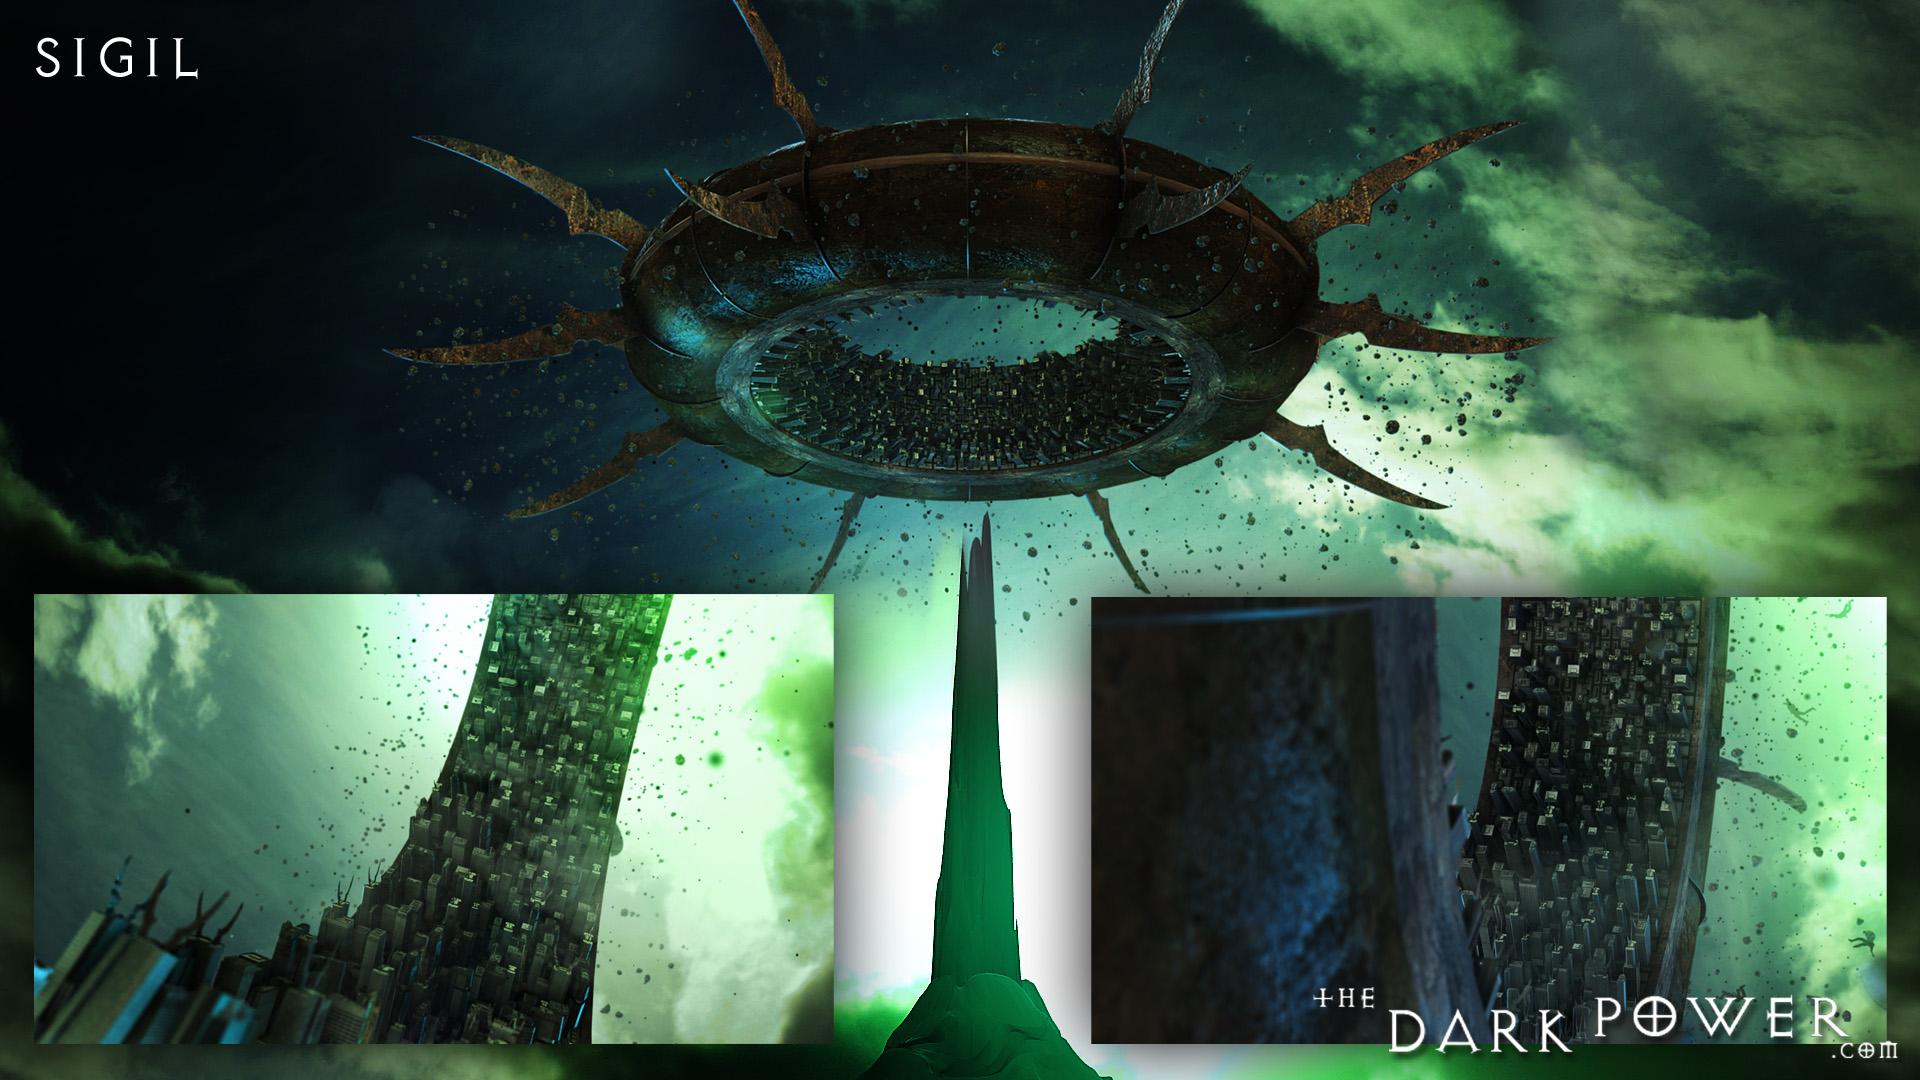 the-dark-power La città di Sigil in grafica CGI, montaggio screenshots - by The Dark Power (Joe) thedarkpower.com (2018-11) © dell'autore, tutti i diritti riservati